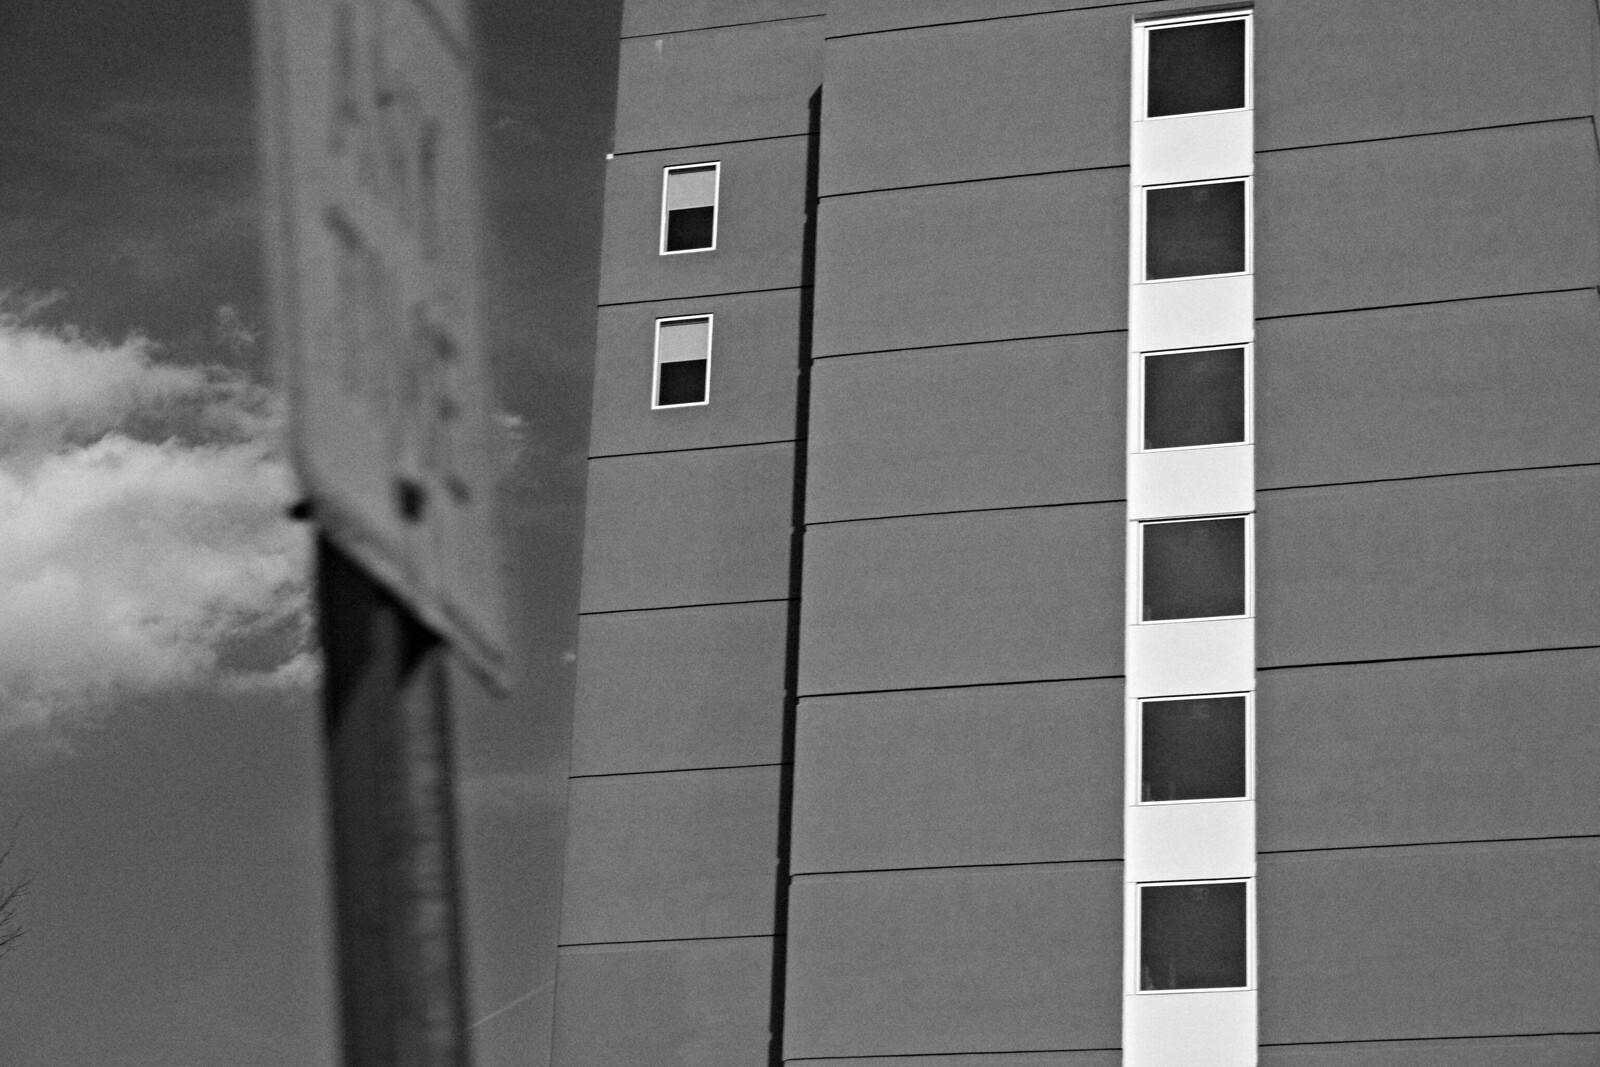 2 Windows, Downtown Atlanta, 2015